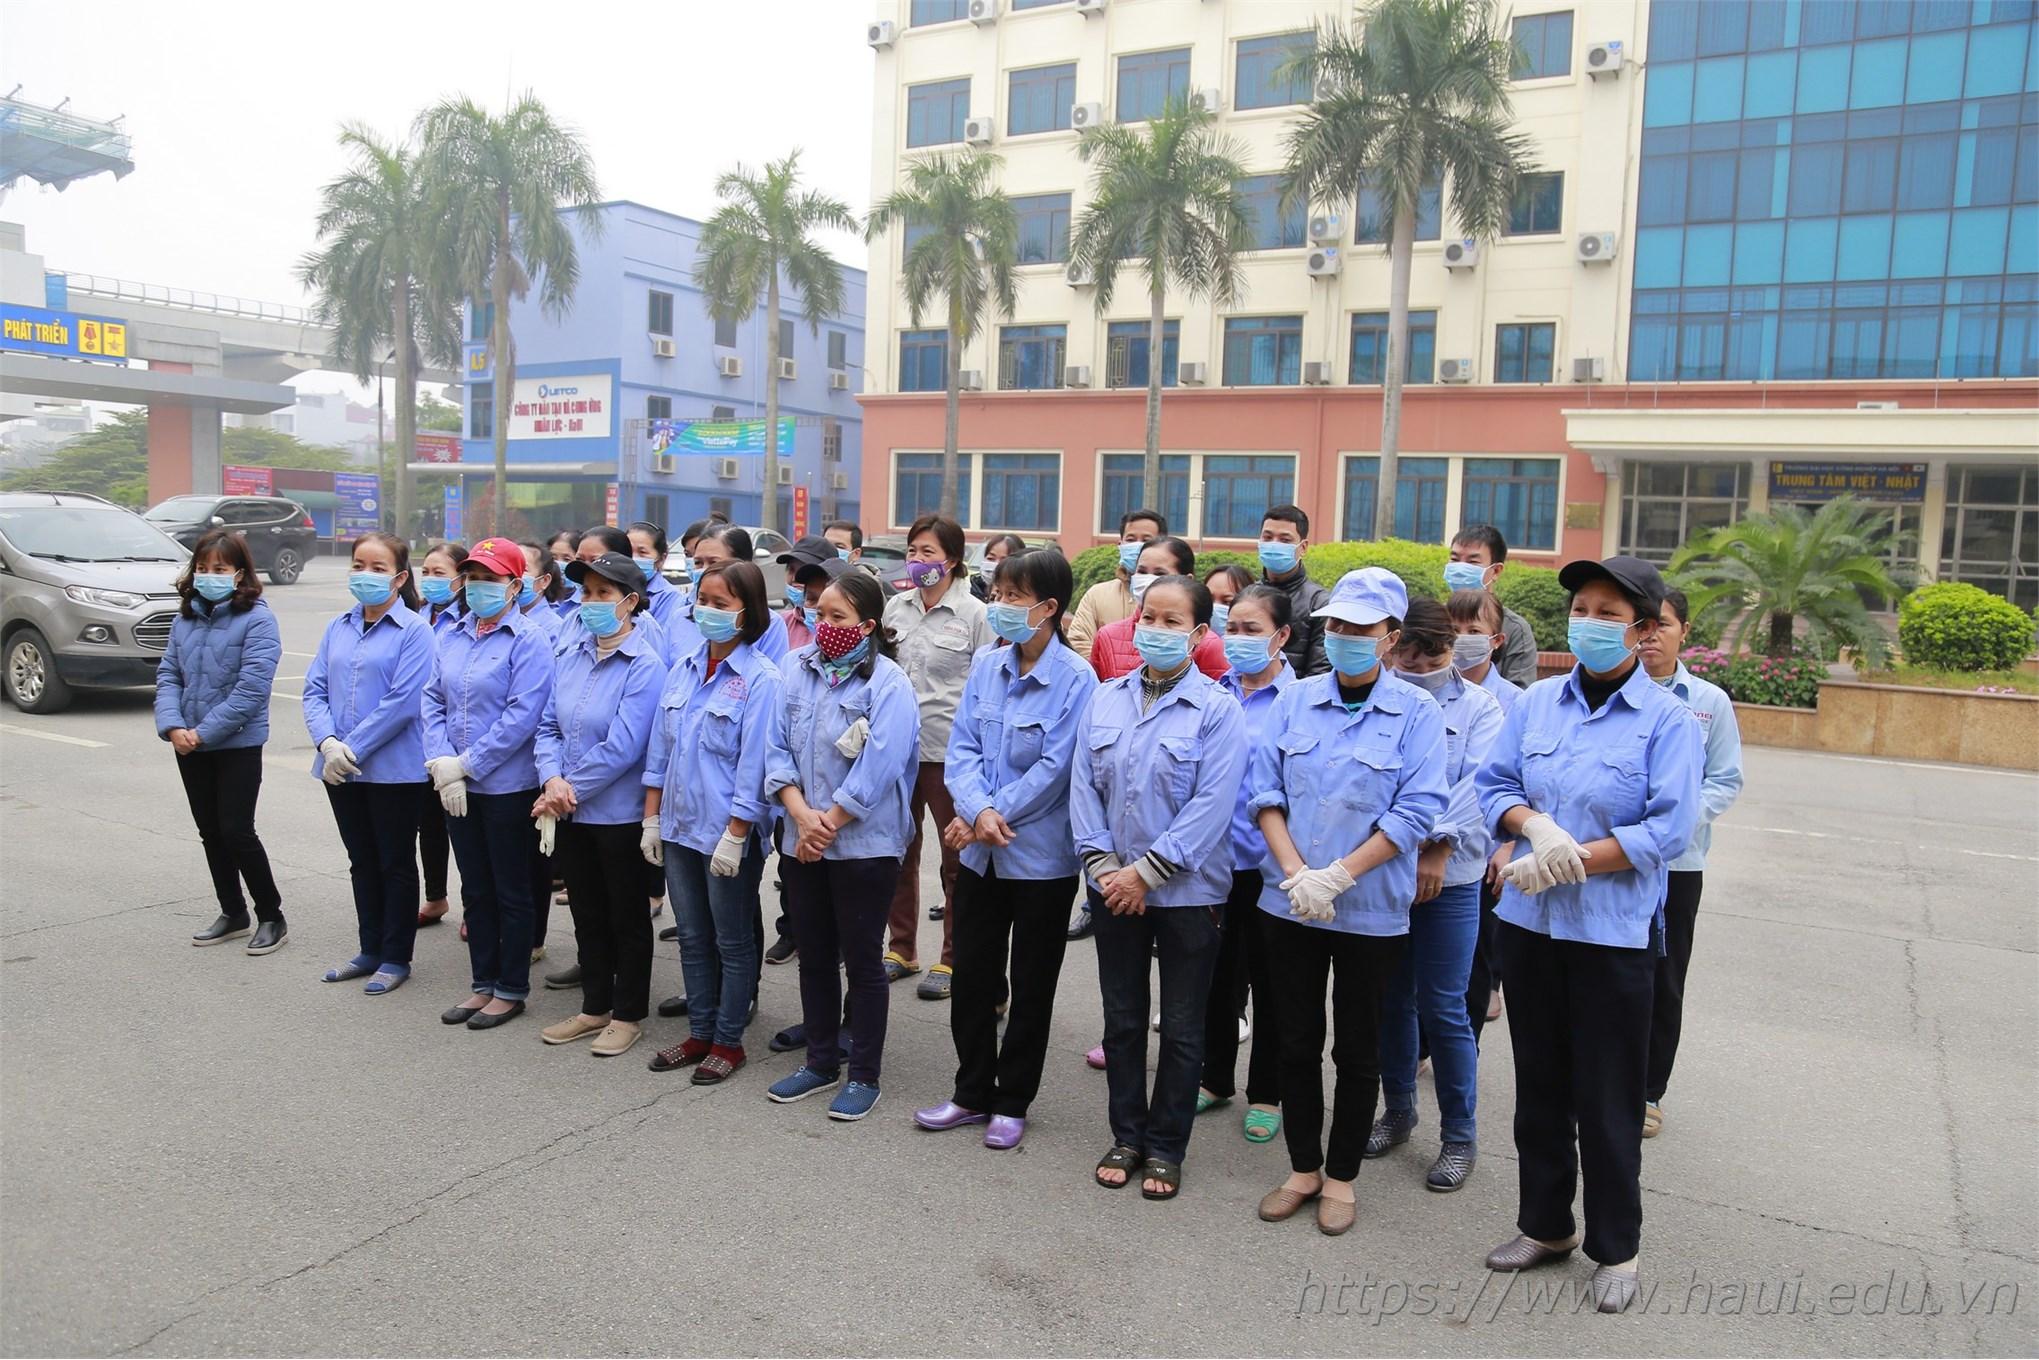 Trường Đại học Công nghiệp Hà Nội vệ sinh khử trùng phòng dịch bệnh